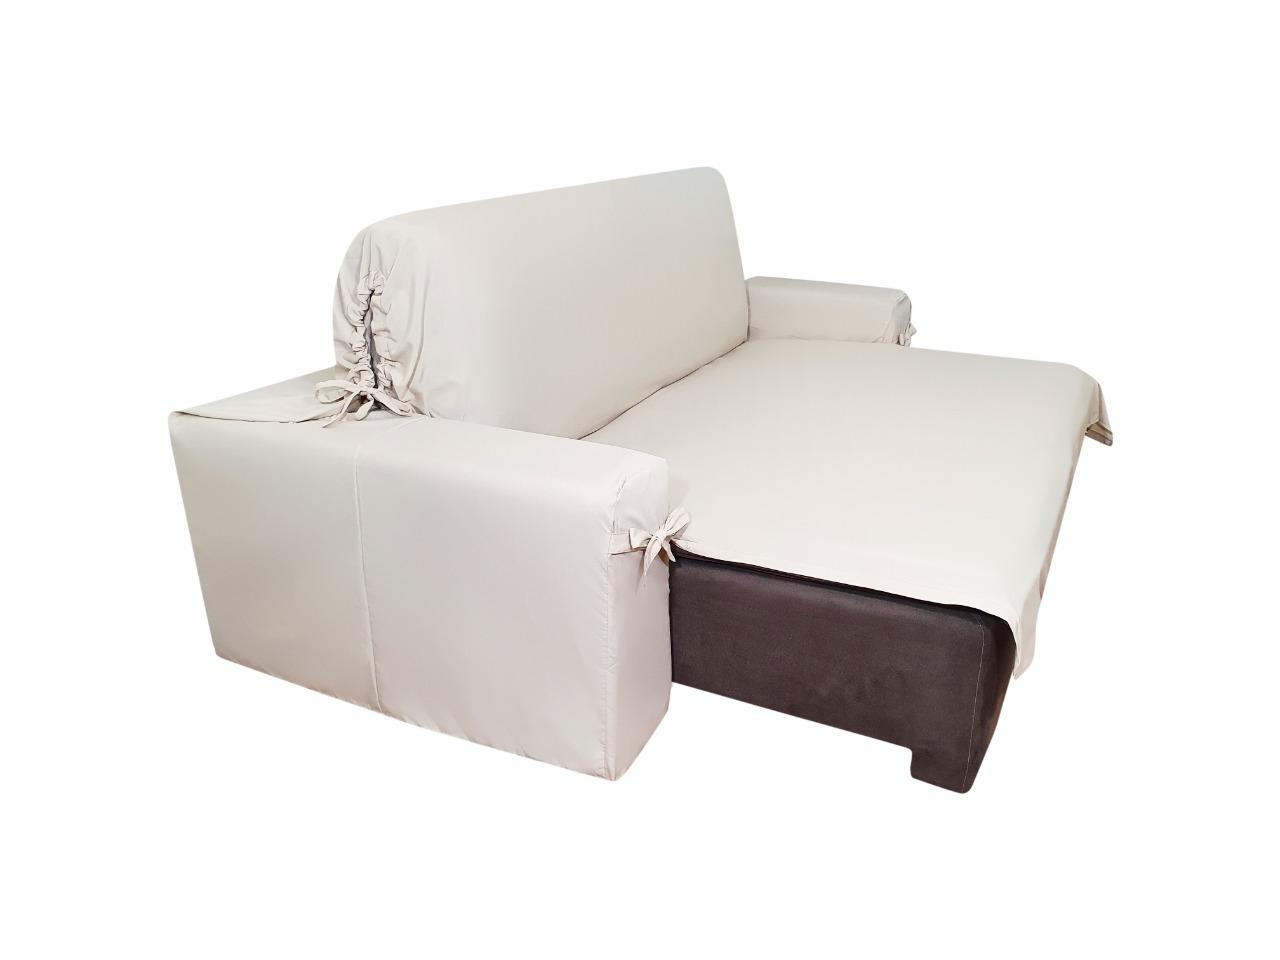 Capa p/ Sofá Retrátil e Reclinável em GORGURÃO BEGE - Veste Sofás de 1,50m até 1,95m